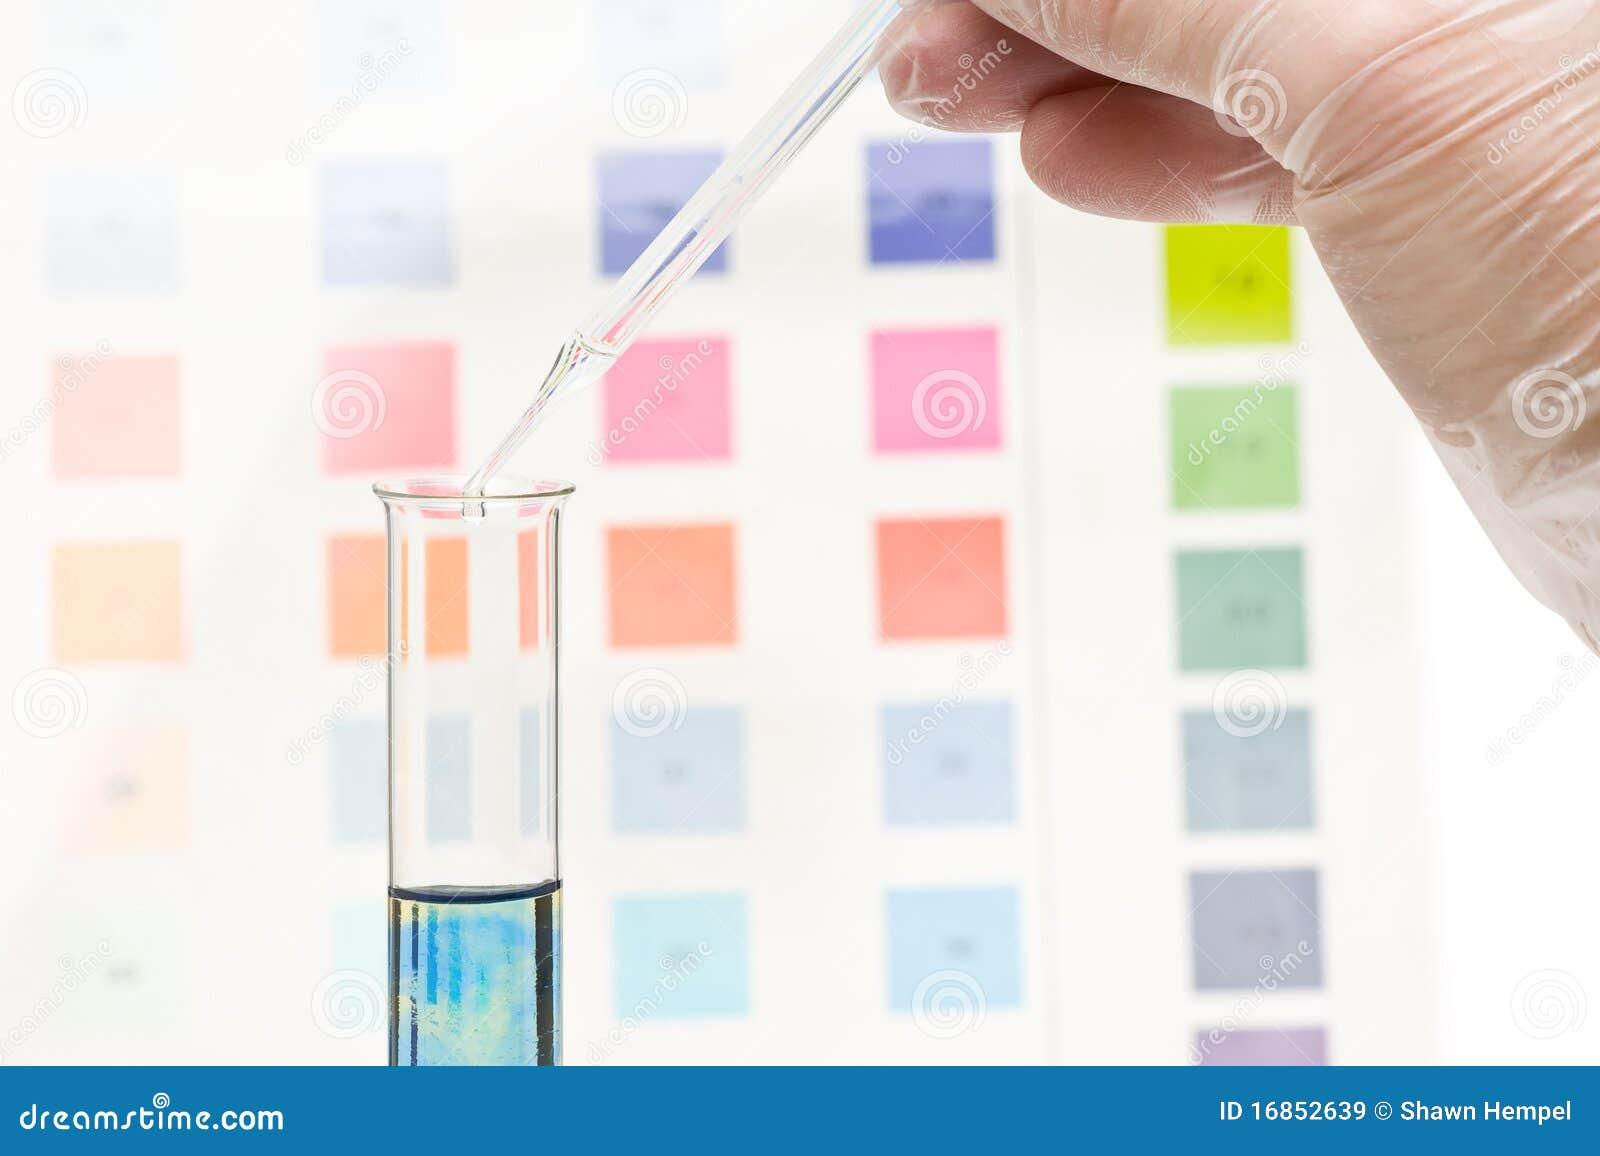 δοκιμή χρώματος pH αλλαγής